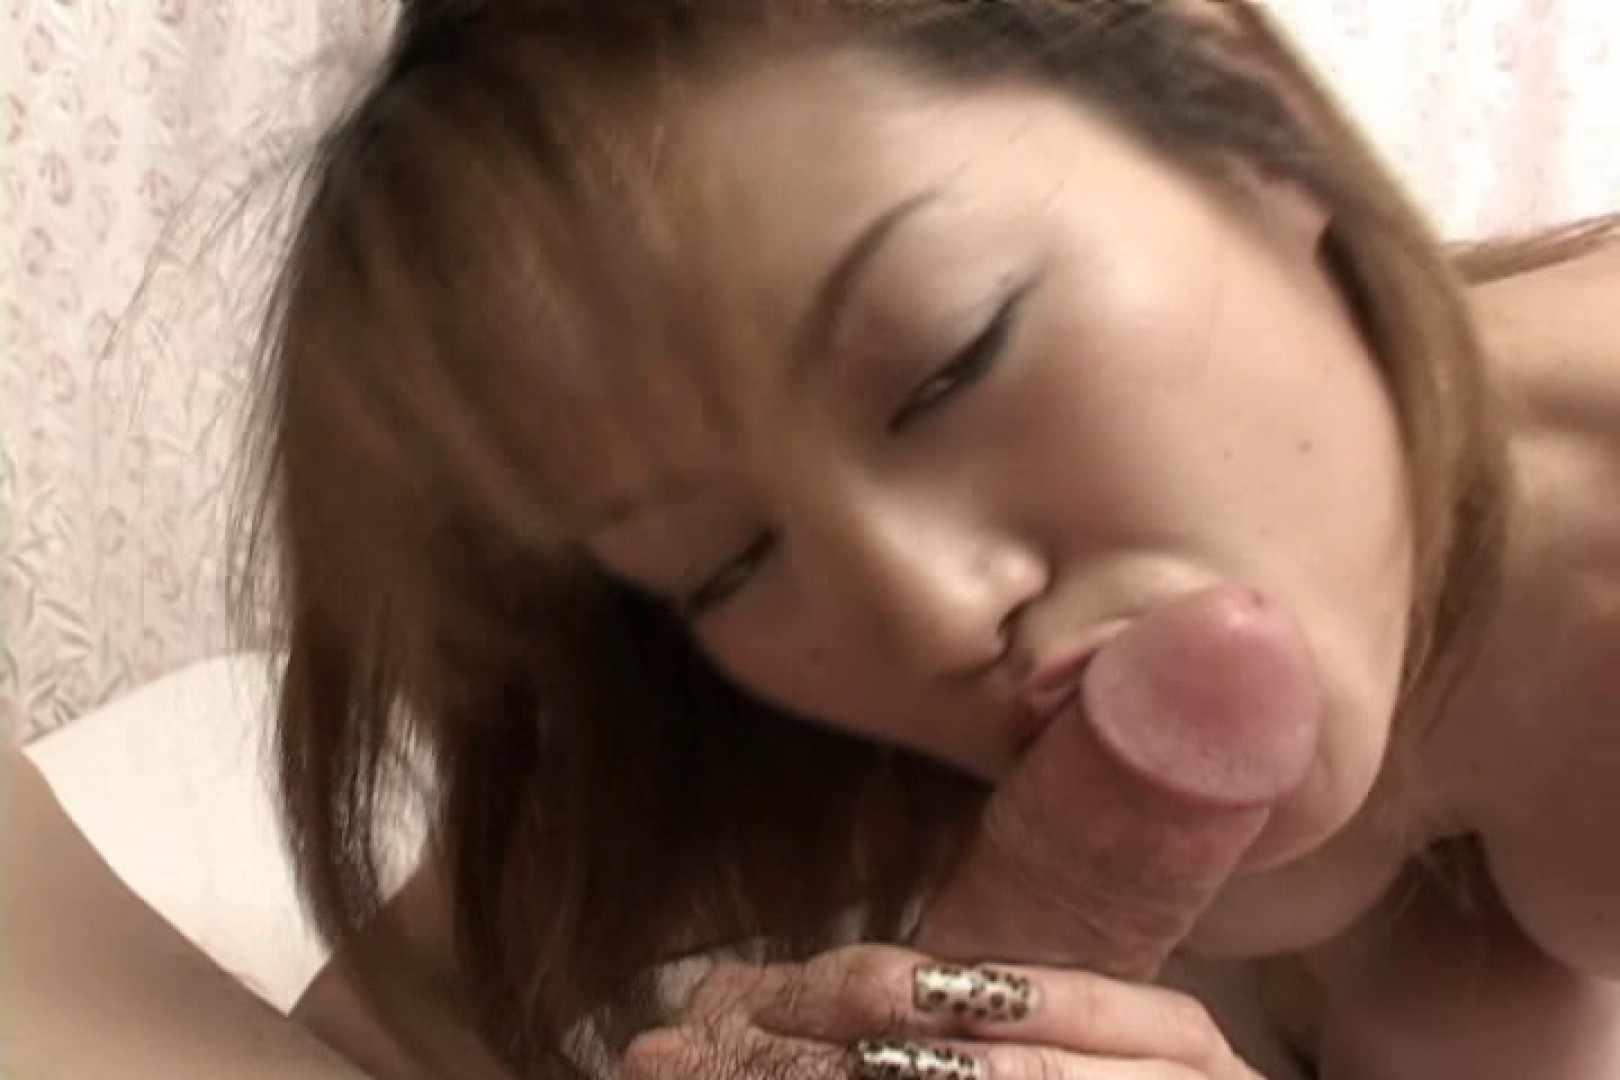 美巨乳の素人嬢とハメ撮りセックス~桜田けいこ~ ギャル達のおっぱい | ギャル達のセックス  91画像 7